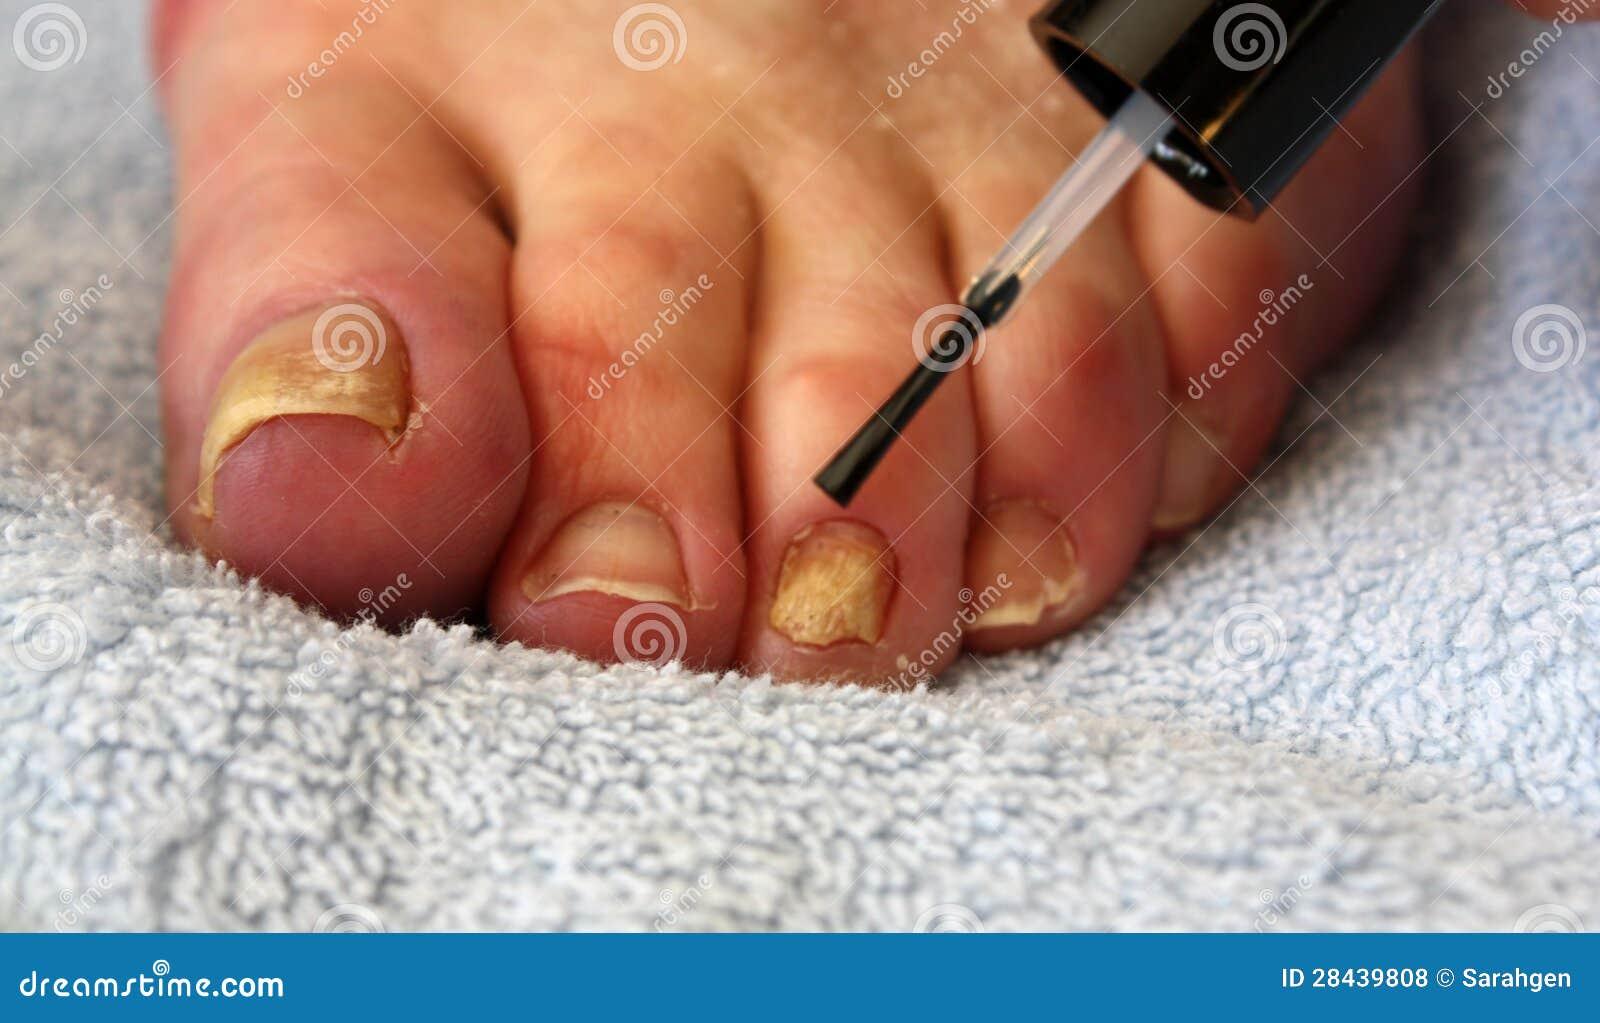 Unguenti da un fungo di unghie al bambino